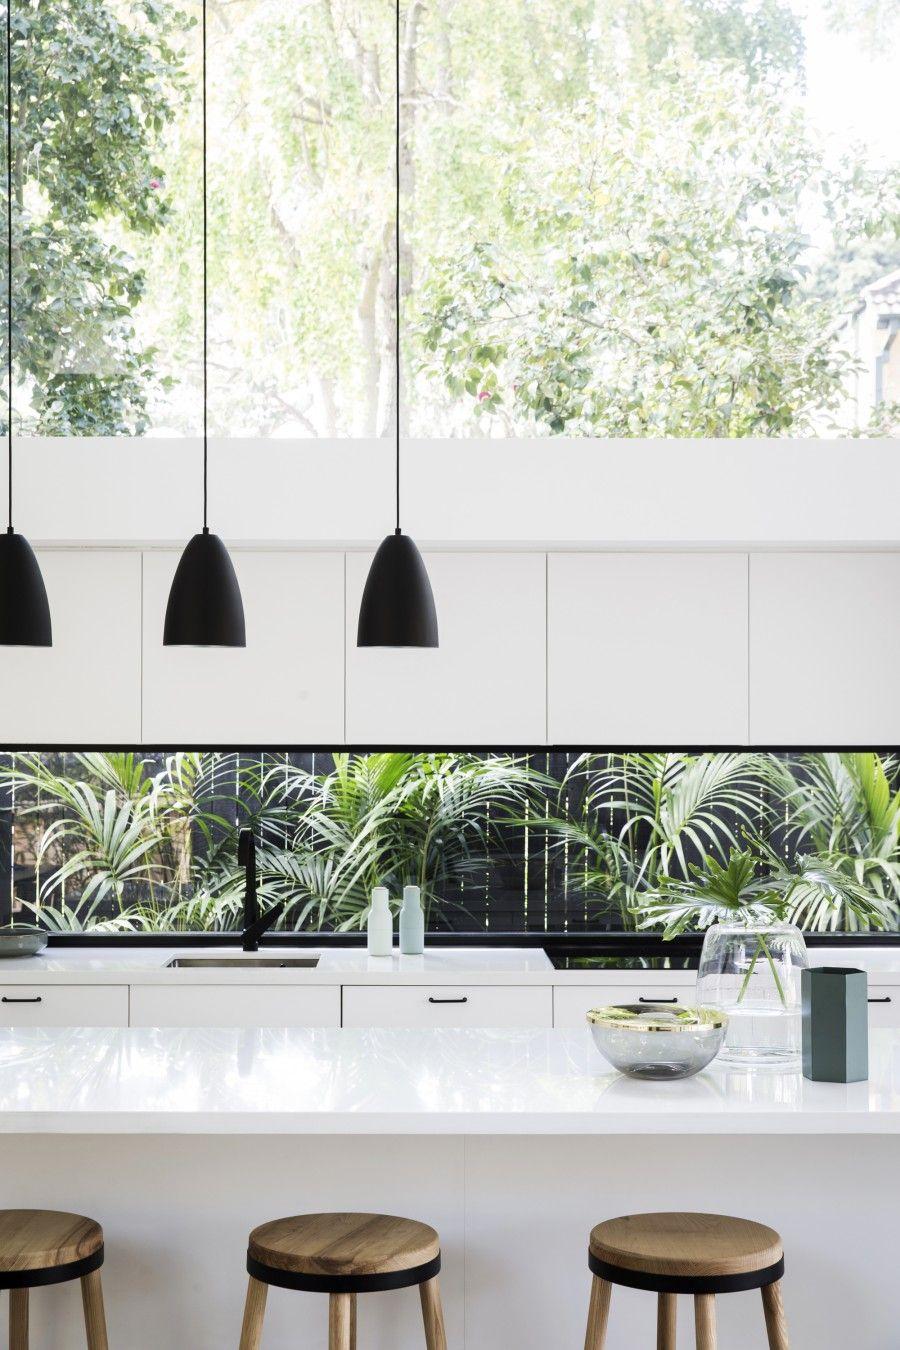 californian bungalow bungalow californian bungalow interior design kitchenmodern